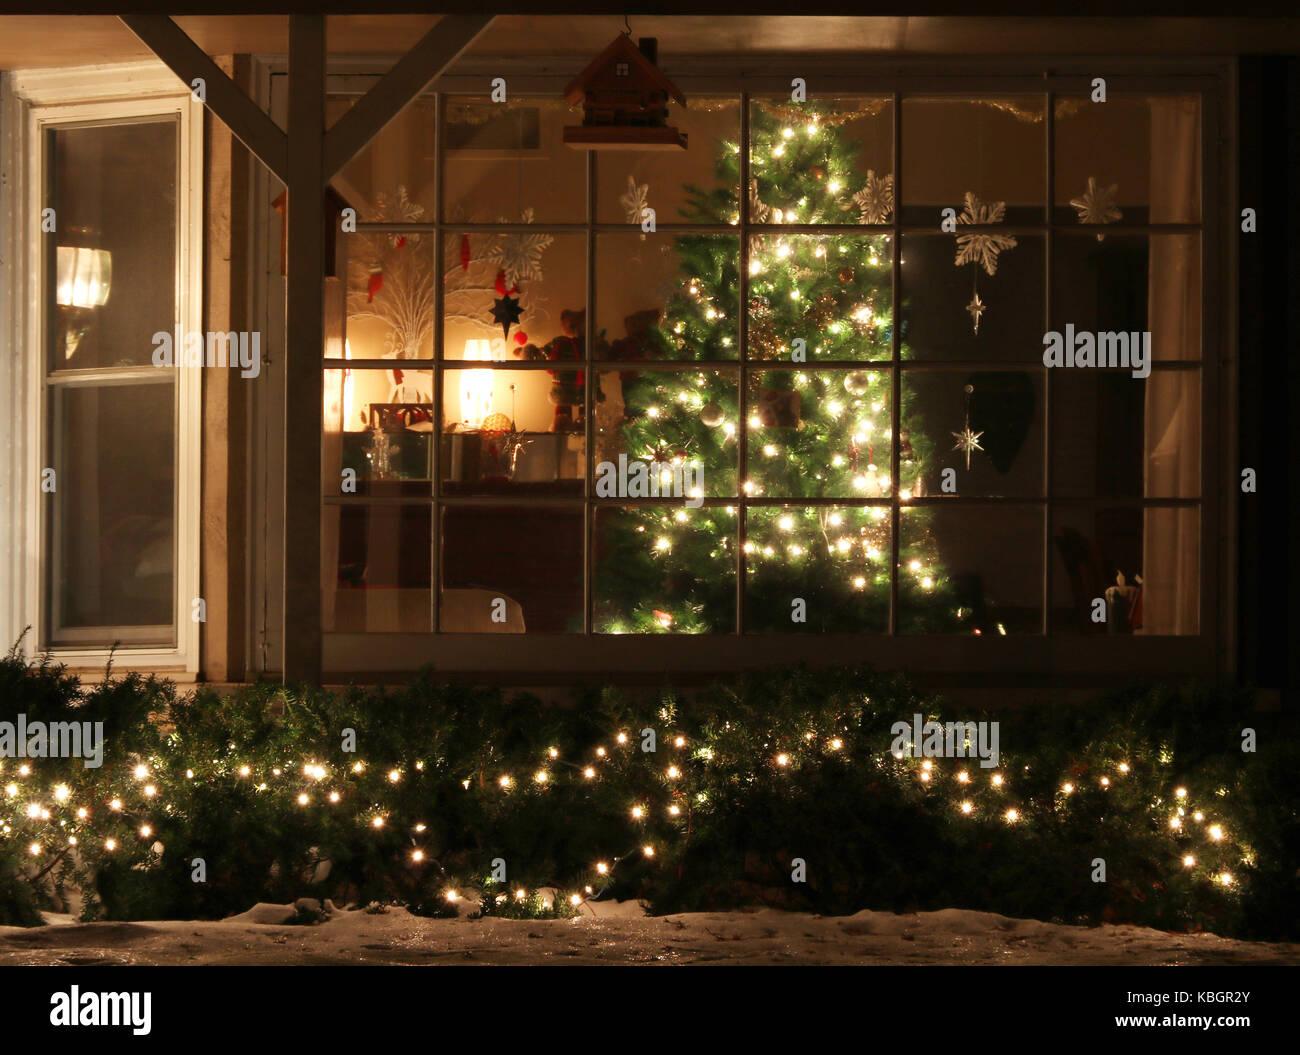 Decorazioni Natalizie Esterno Casa.Finestra Decorata Con Incandescente Albero Di Natale All Interno Di